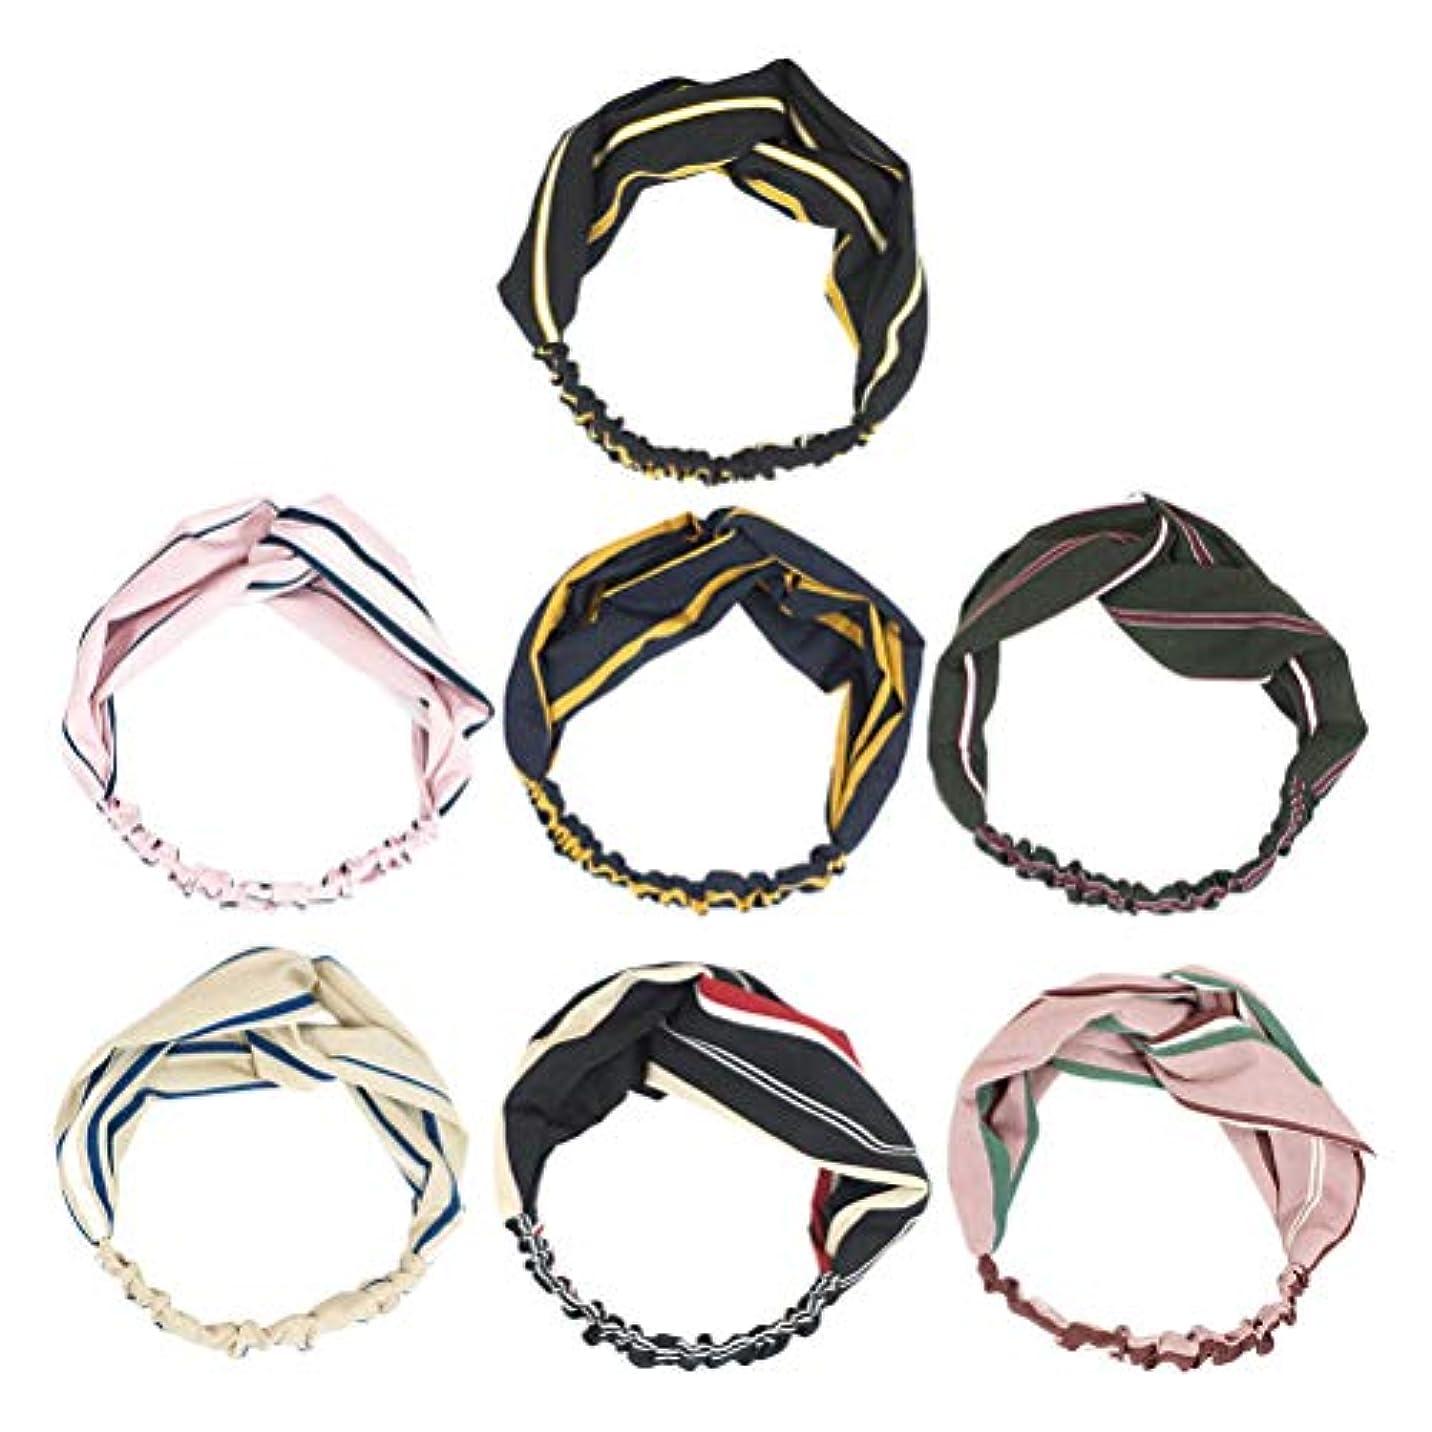 倫理的金銭的な示す7pcsヘッドバンドクロスノットちょう結び甘いストライプヘアバンド女性のためのヘアアクセサリーGirls(Ming Blue + Pink + Skin Color + Black + Black Red Stripe...